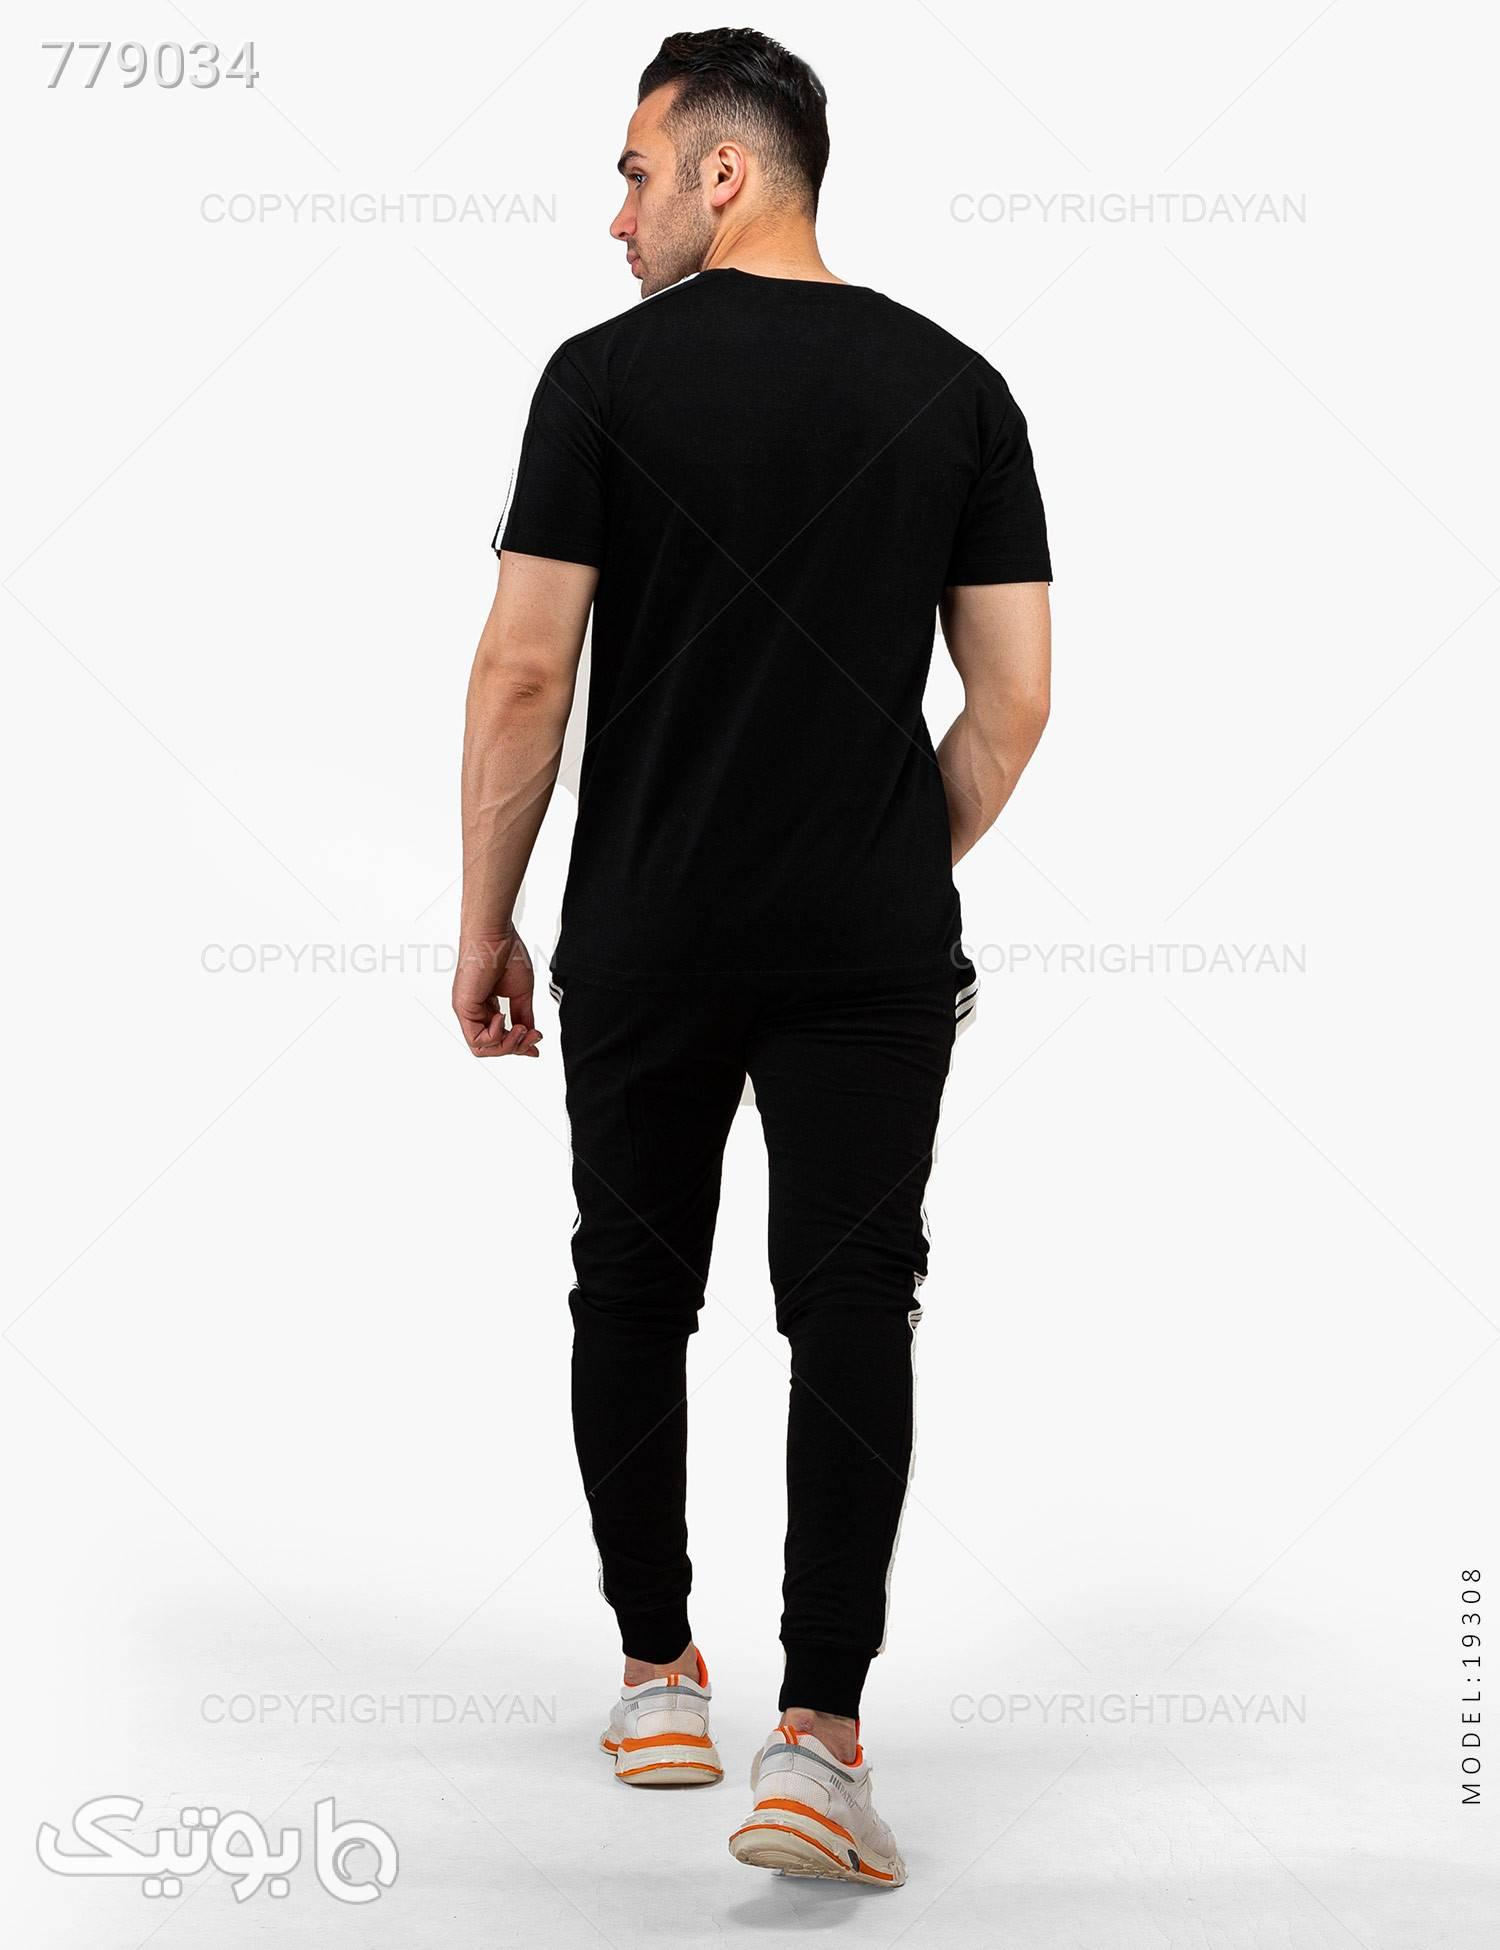 ست تیشرت و شلوار مردانه Adidas مدل 19308 مشکی ست ورزشی مردانه